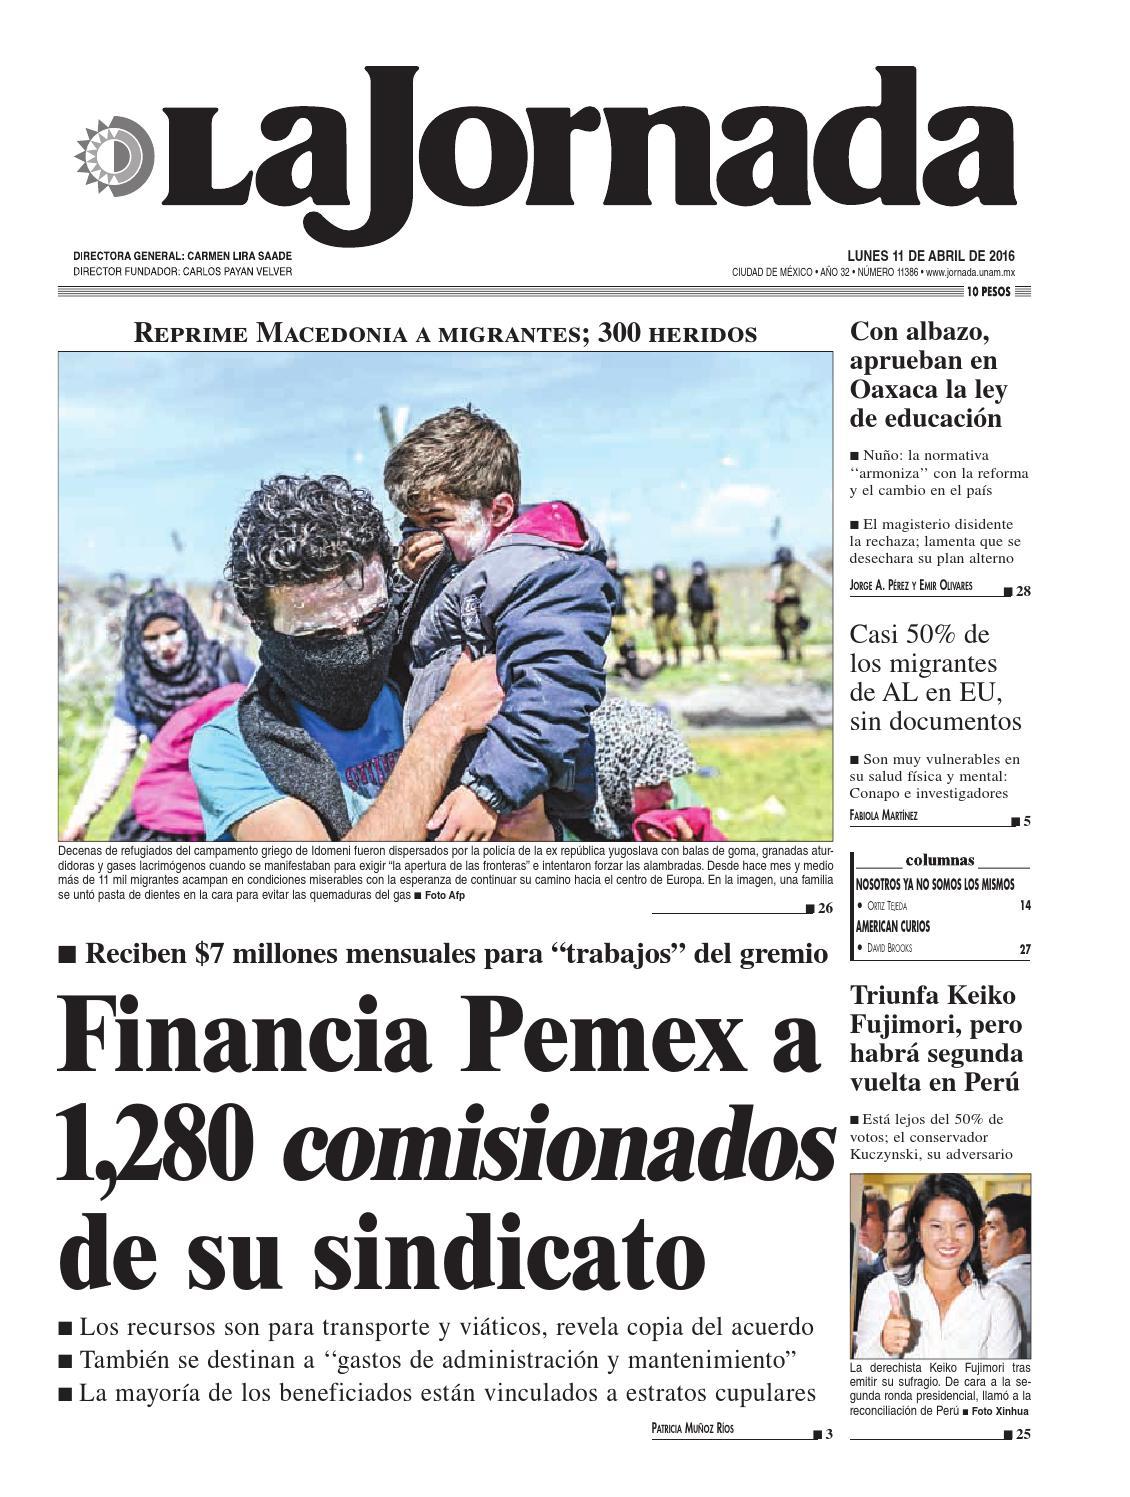 La Jornada, 04/11/2016 by La Jornada: DEMOS Desarrollo de Medios ...